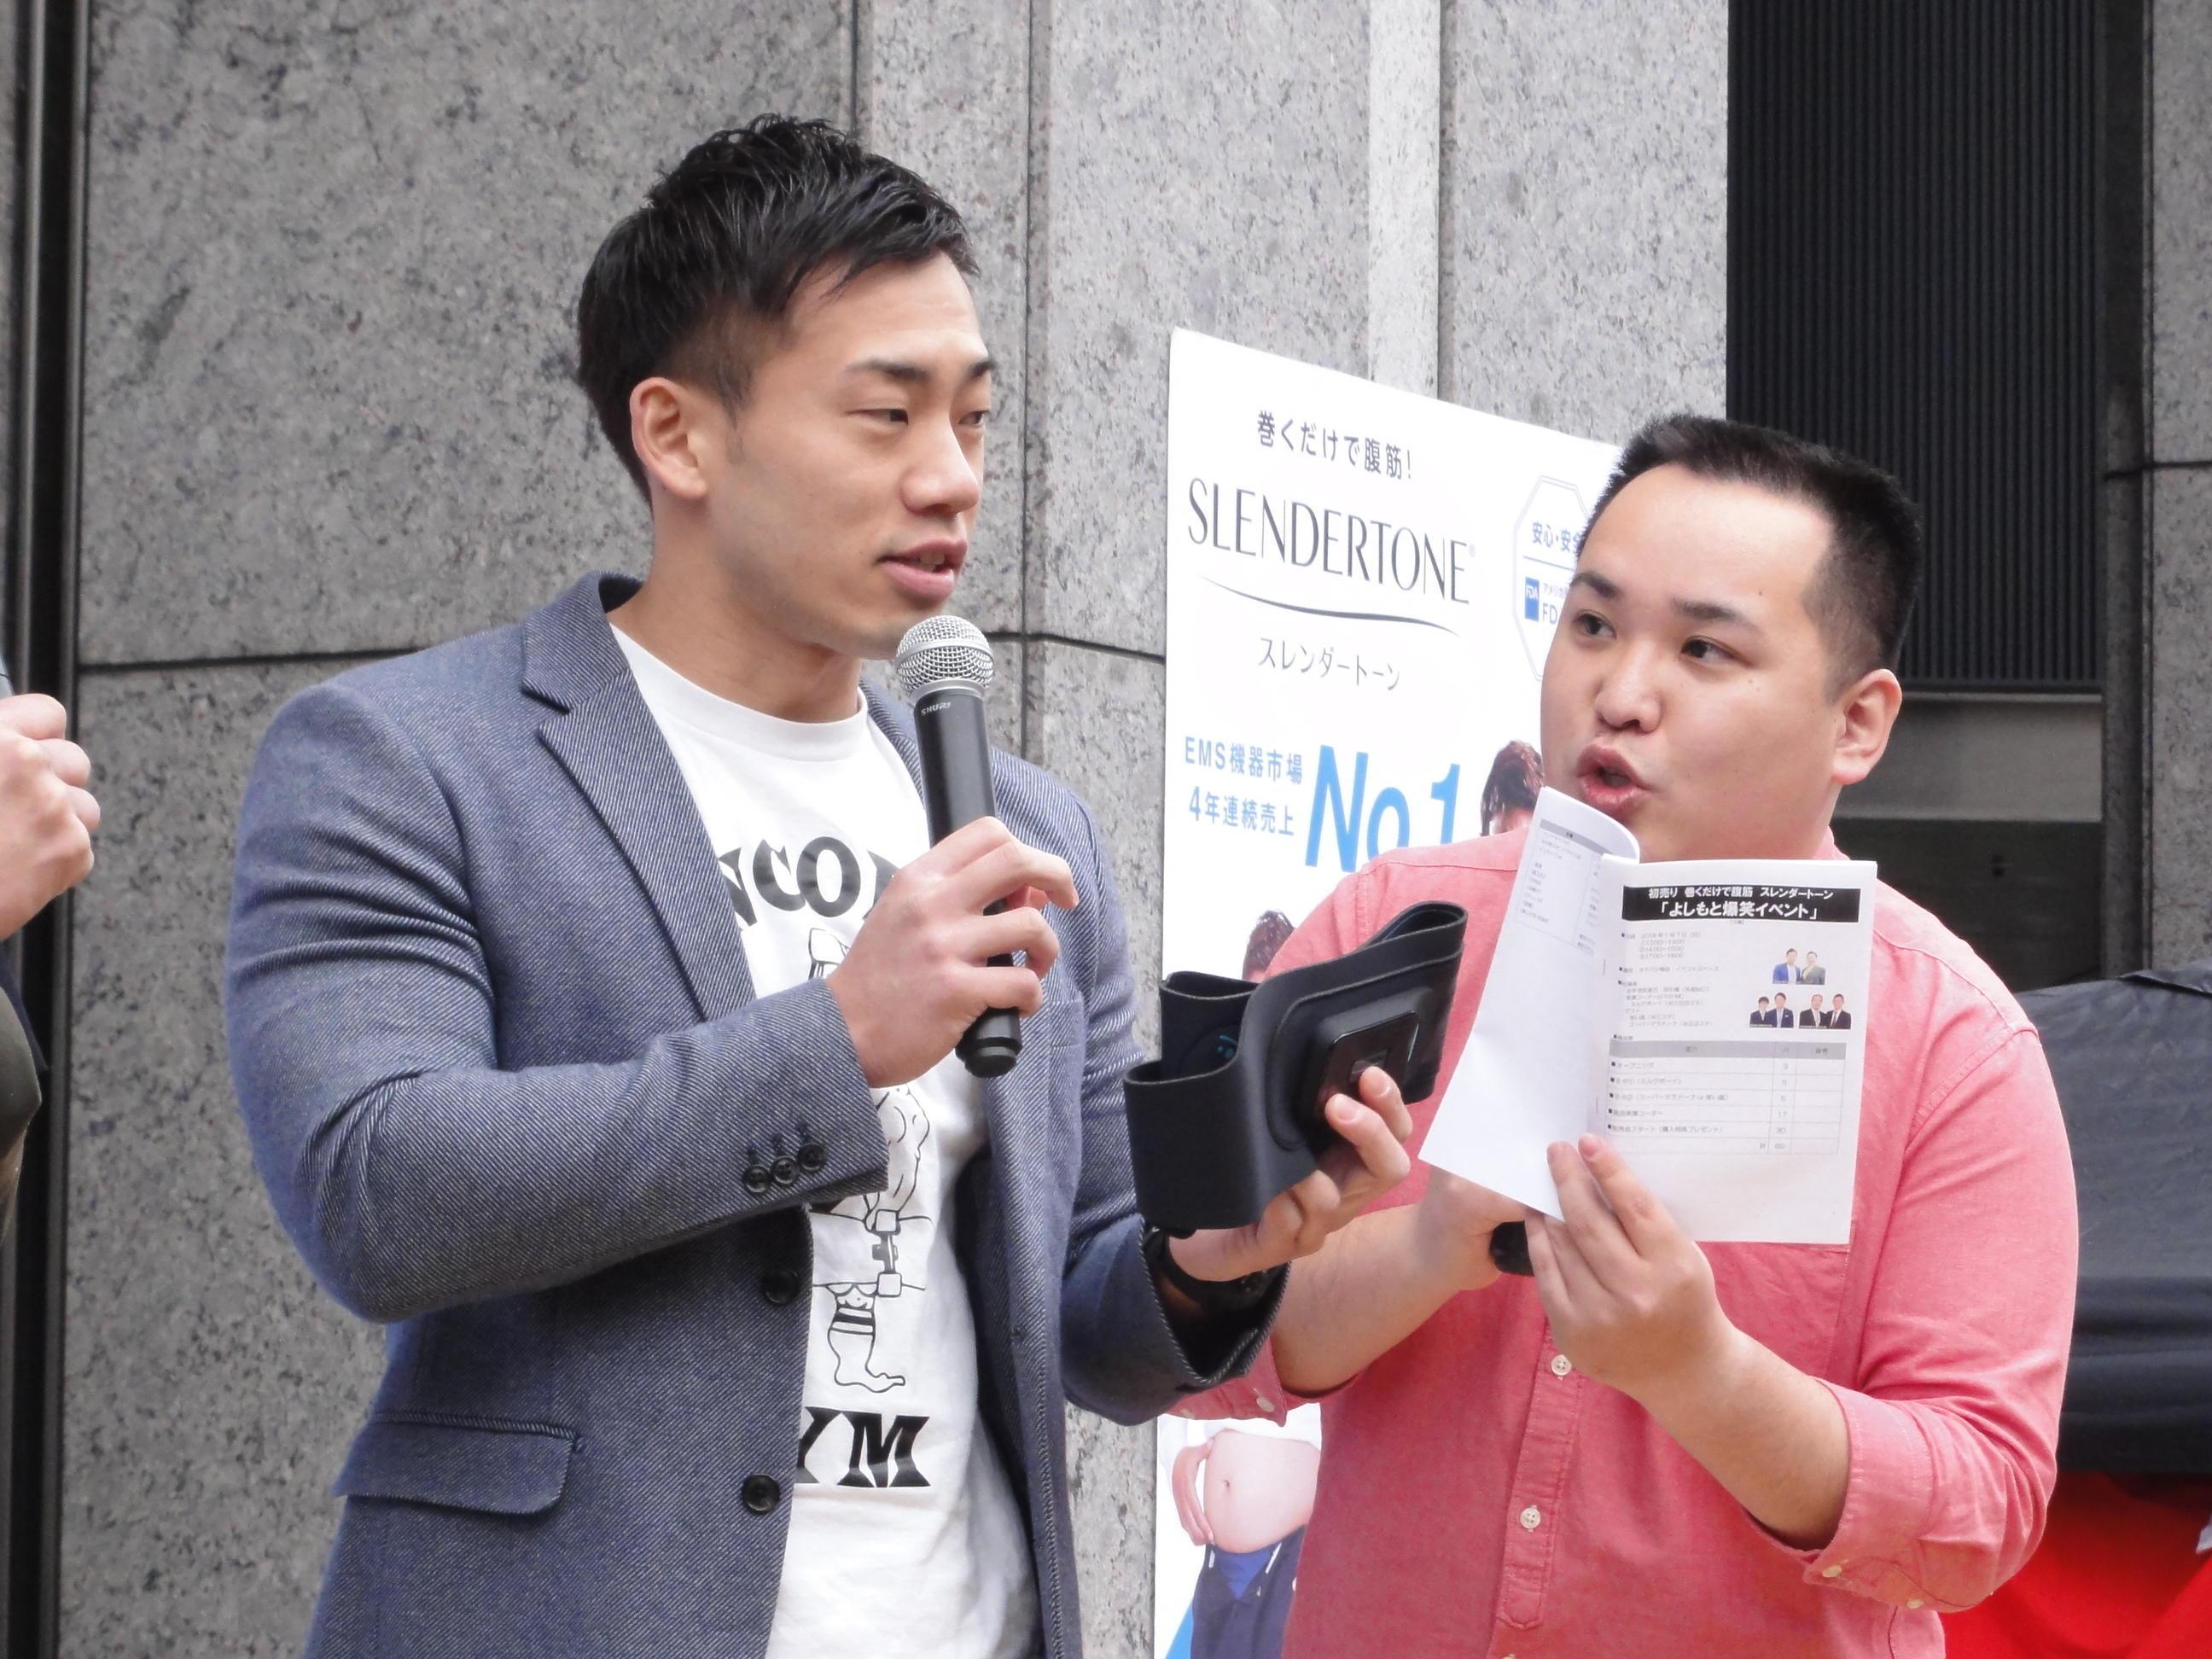 http://news.yoshimoto.co.jp/20180107165136-bc9f9924ebba5240cace9ebb791b3b51491810c7.jpg